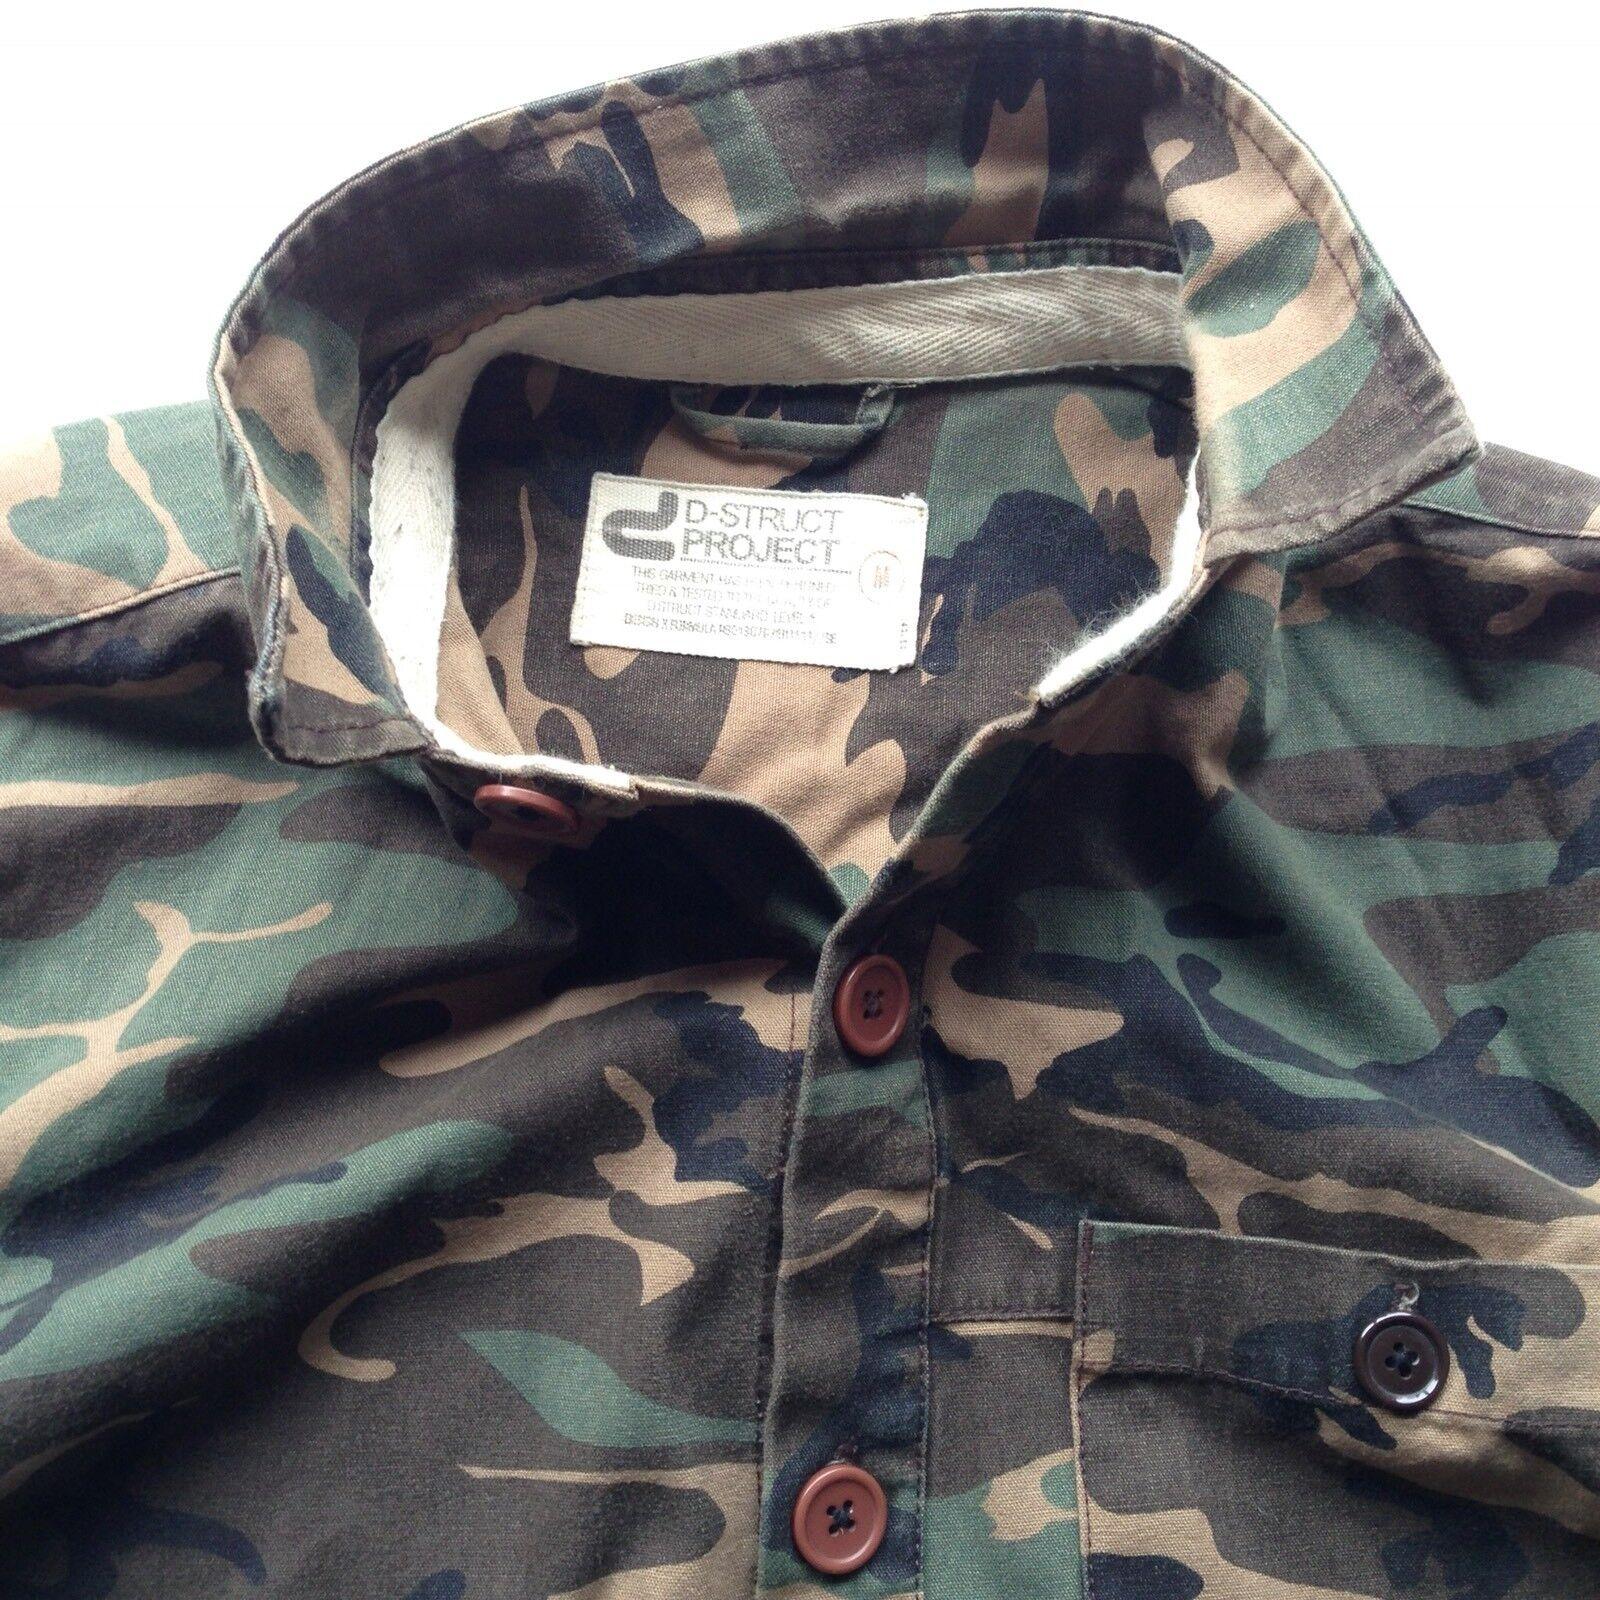 Militaire Style Homme Struct D Veste Camouflage qOpnZFn6